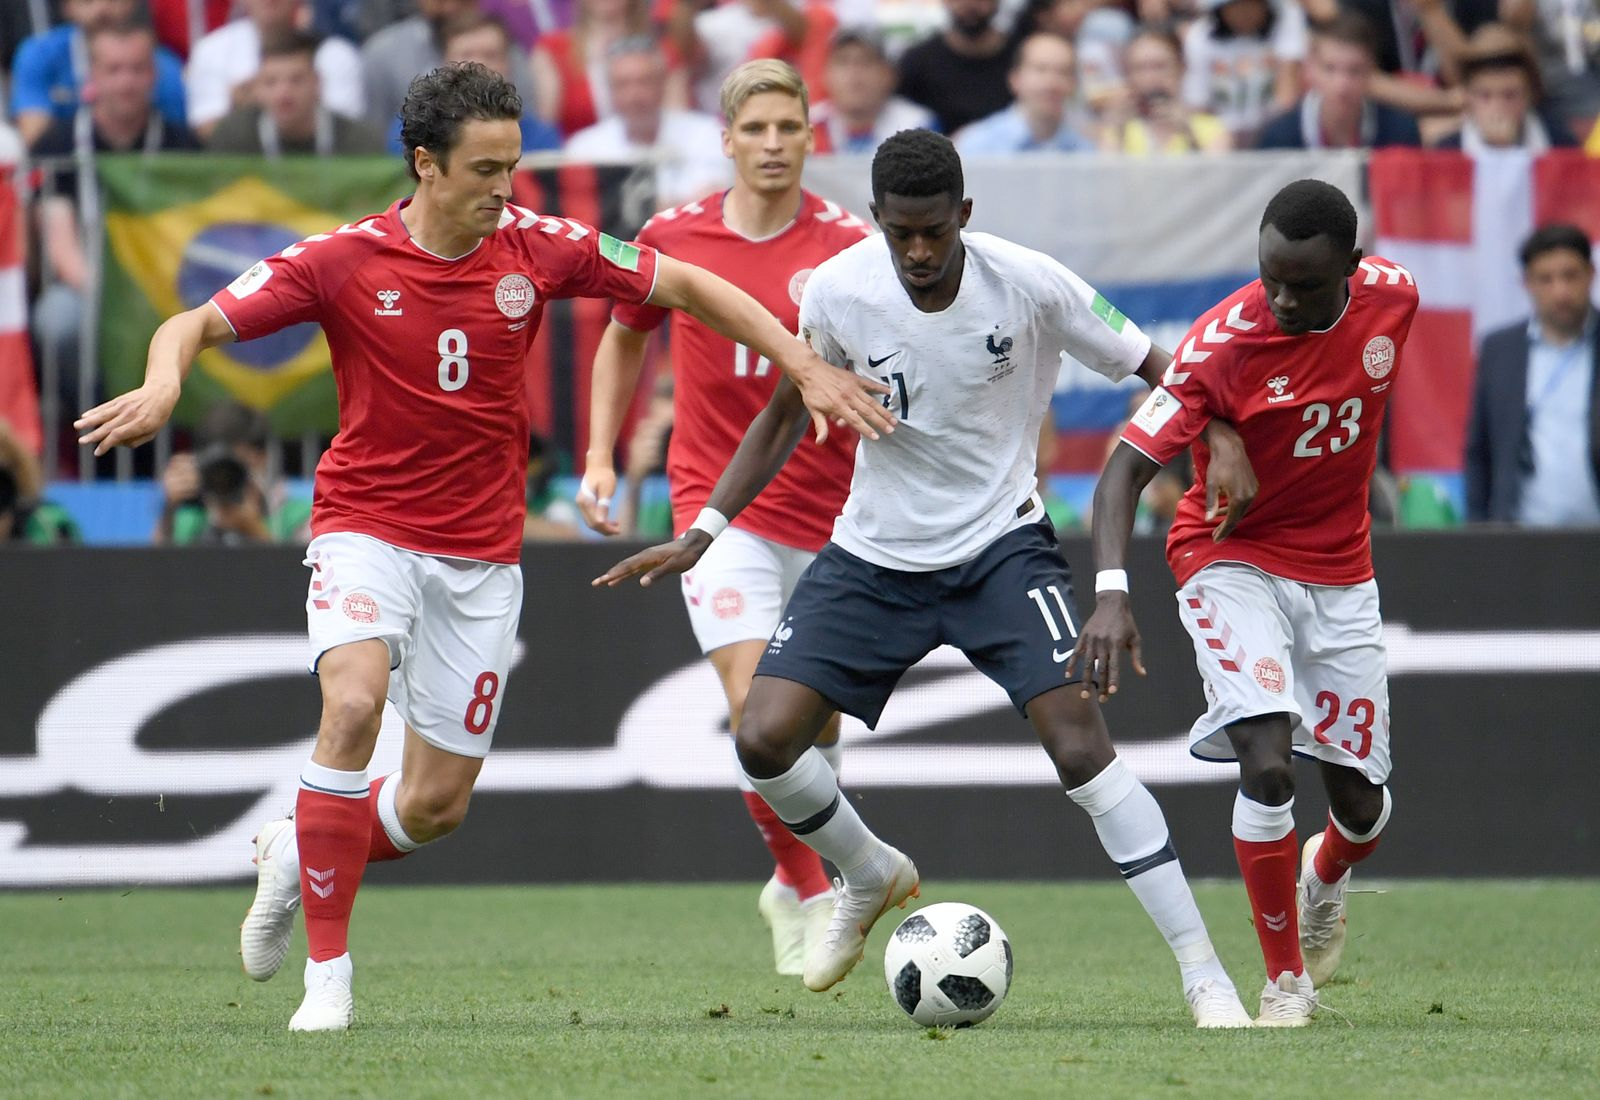 WM 2018 - Dänemark - Frankreich